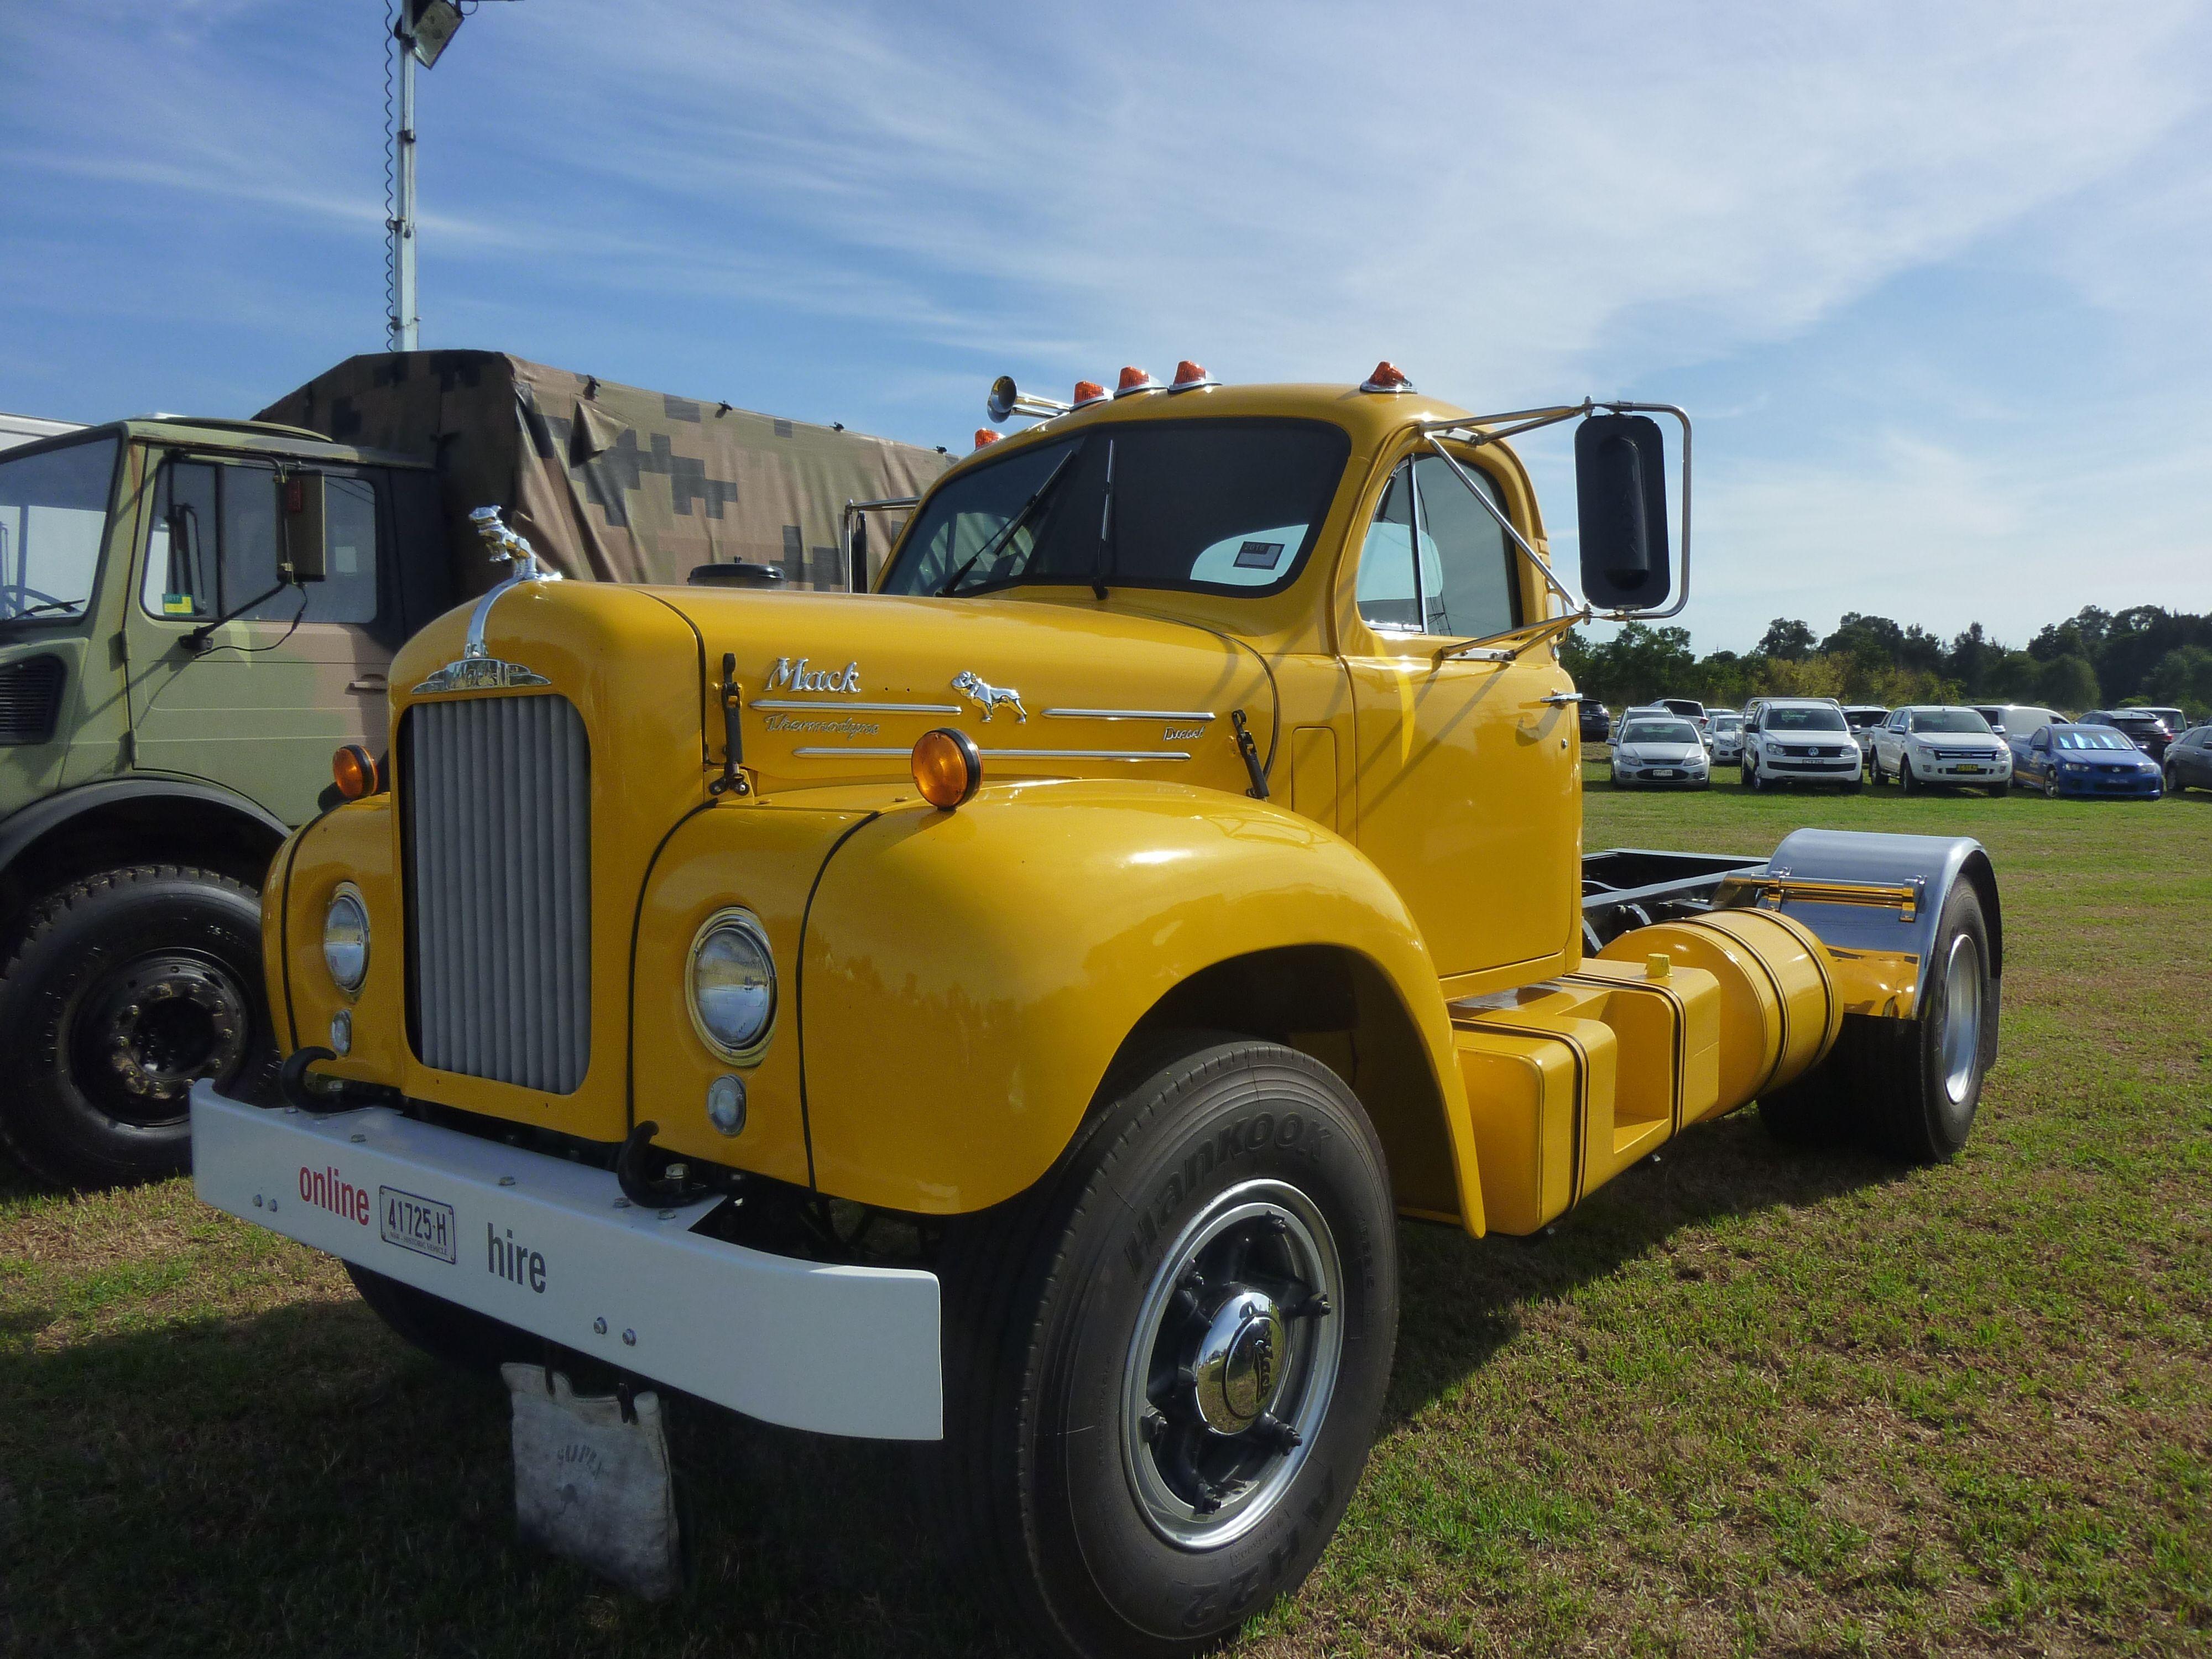 Mackb61 mack trucks big trucks classic trucks